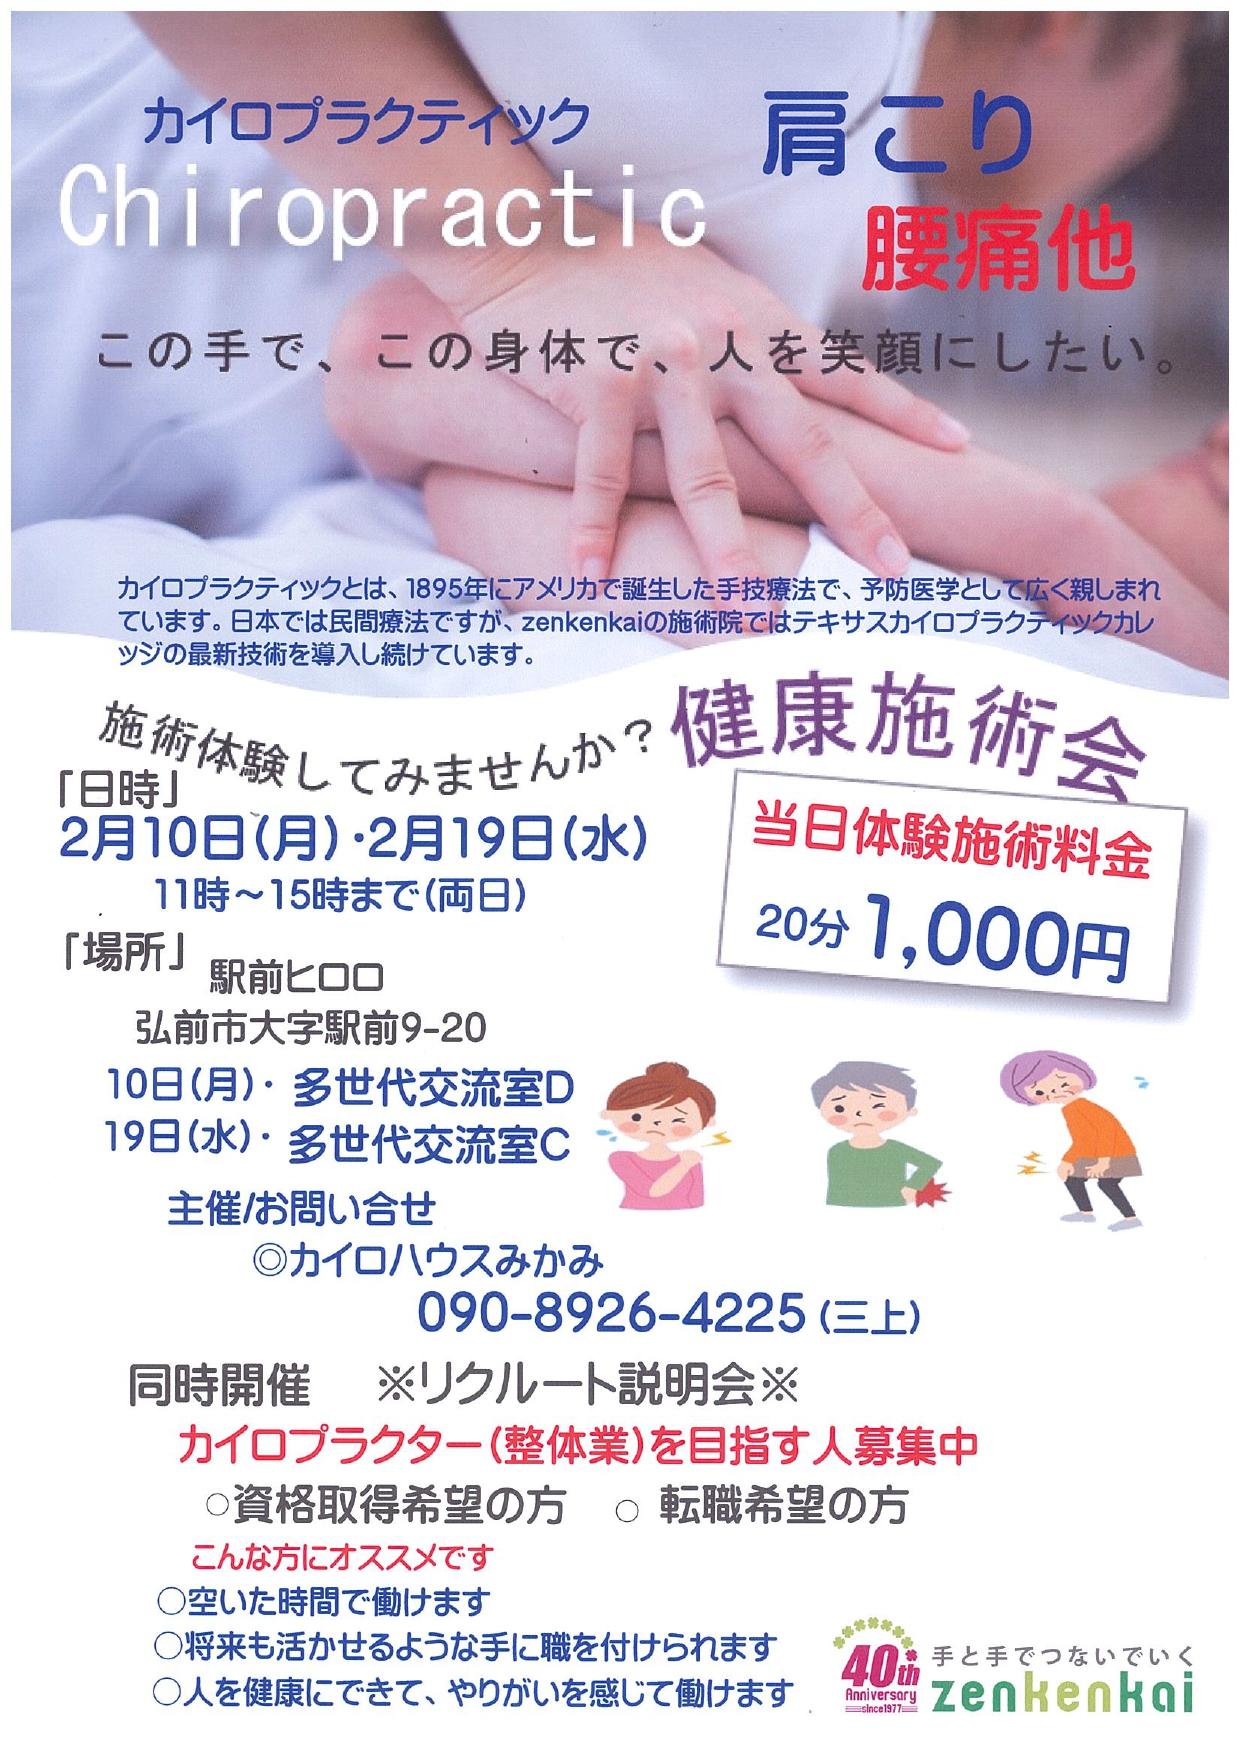 「体験会施術会/カイロハウスみかみ」チラシ